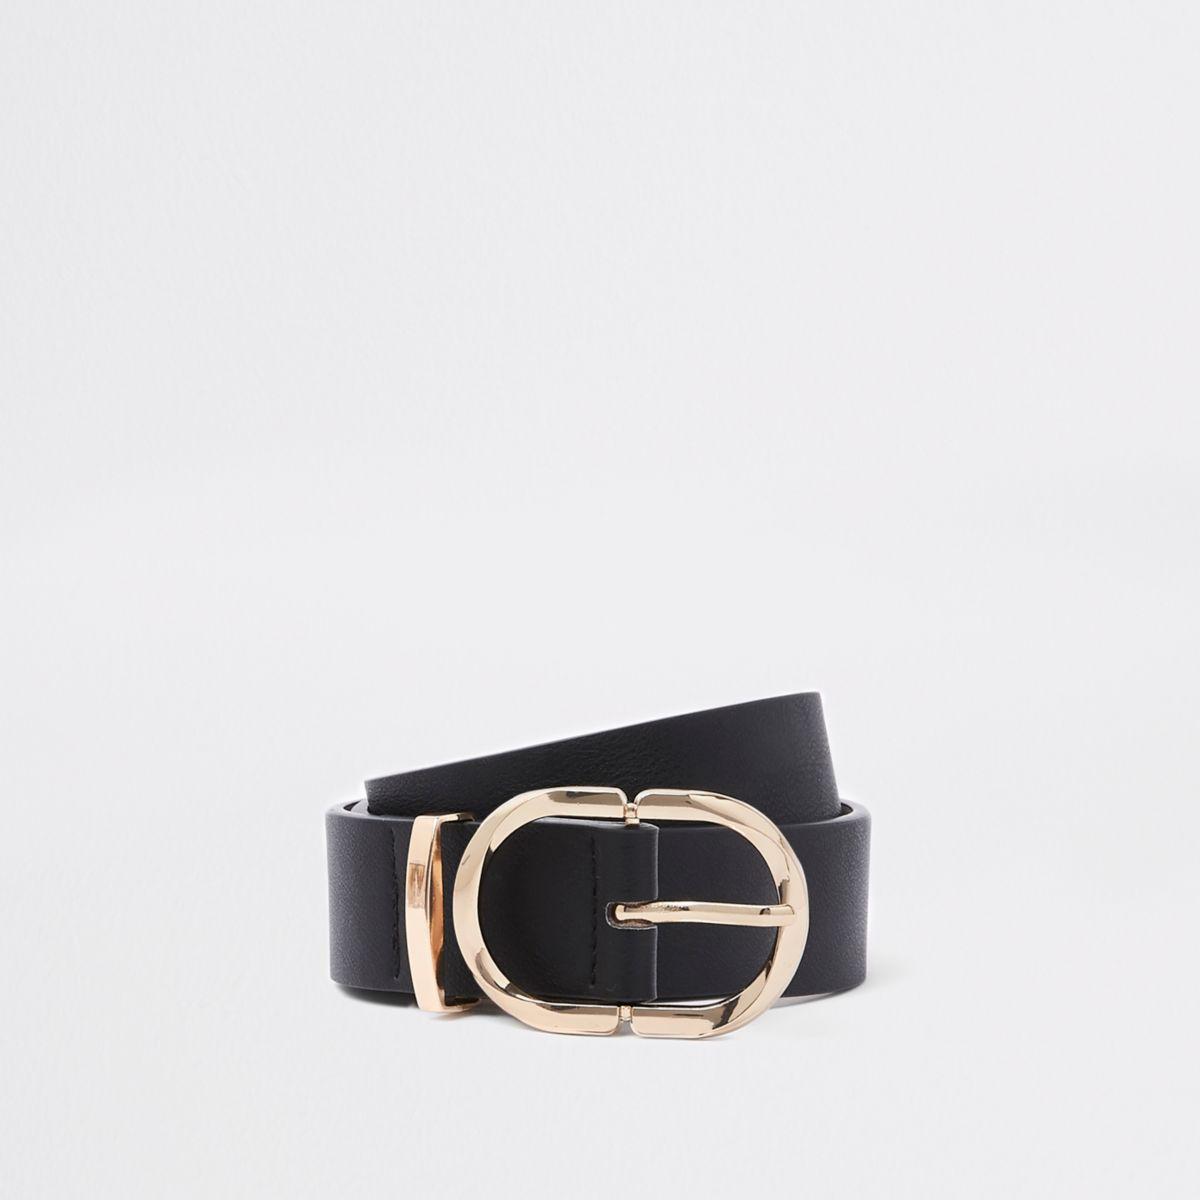 Black oval ring jeans belt